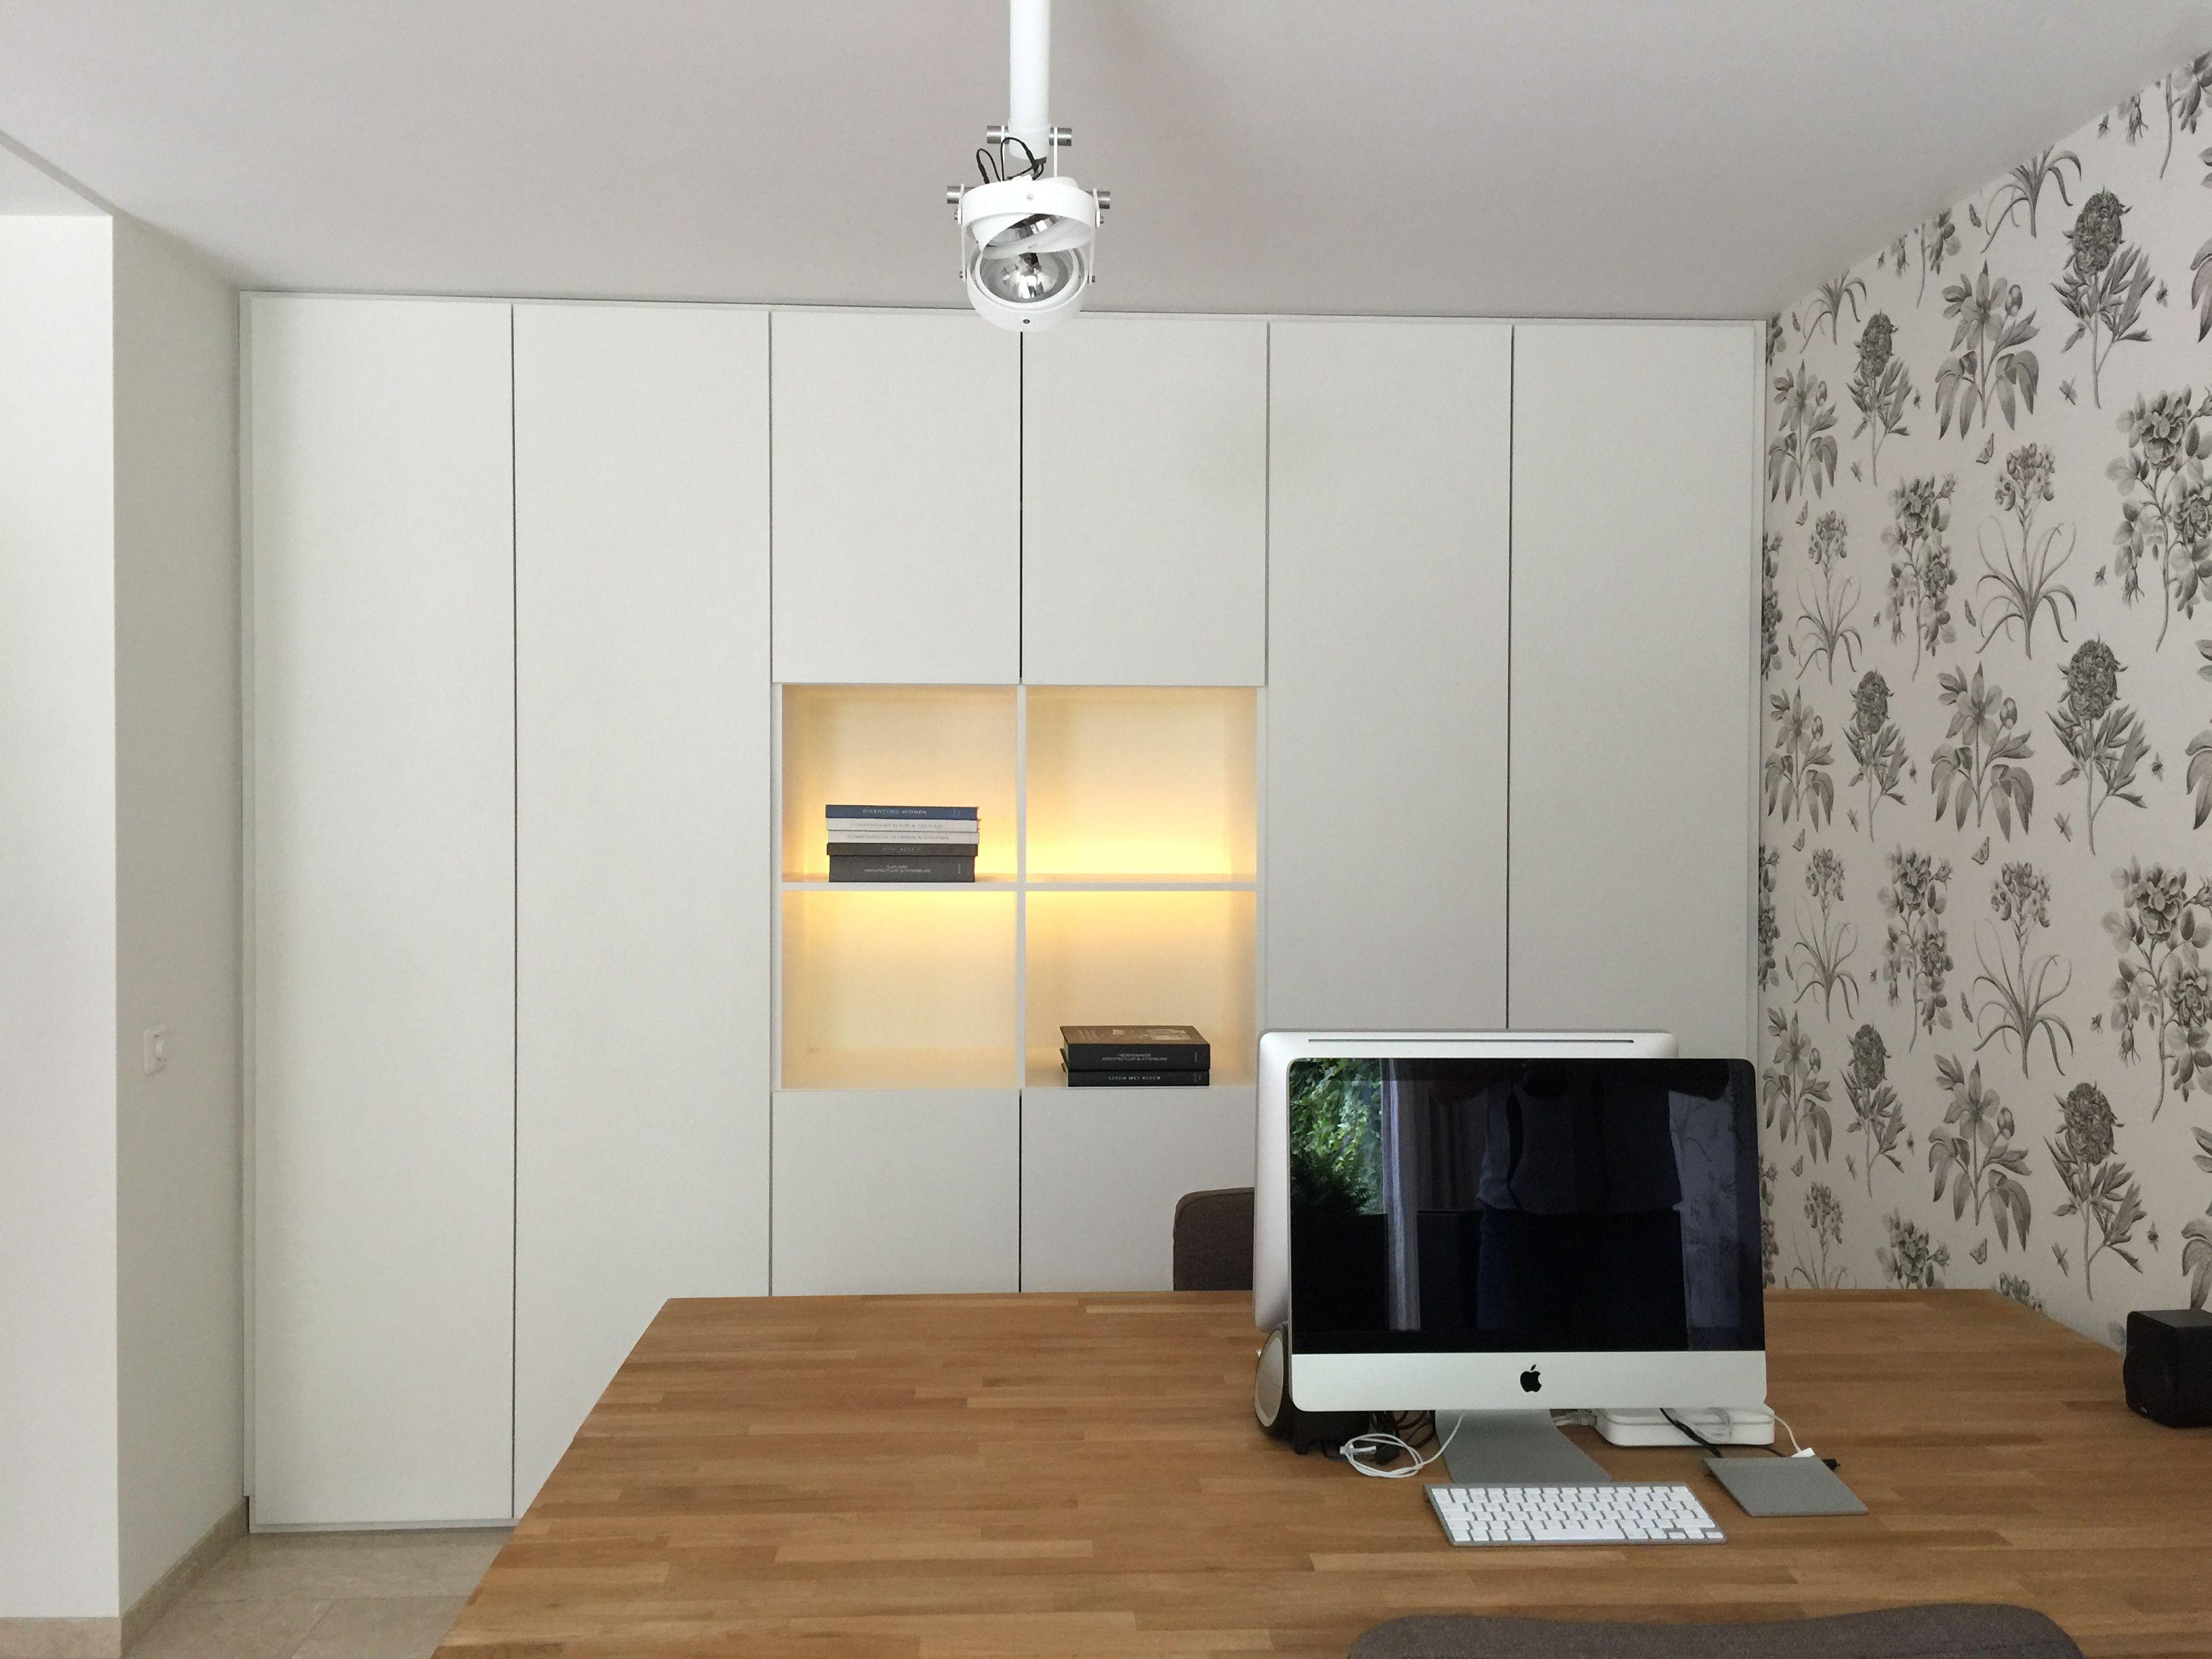 Kamer lamp plafond ecosia